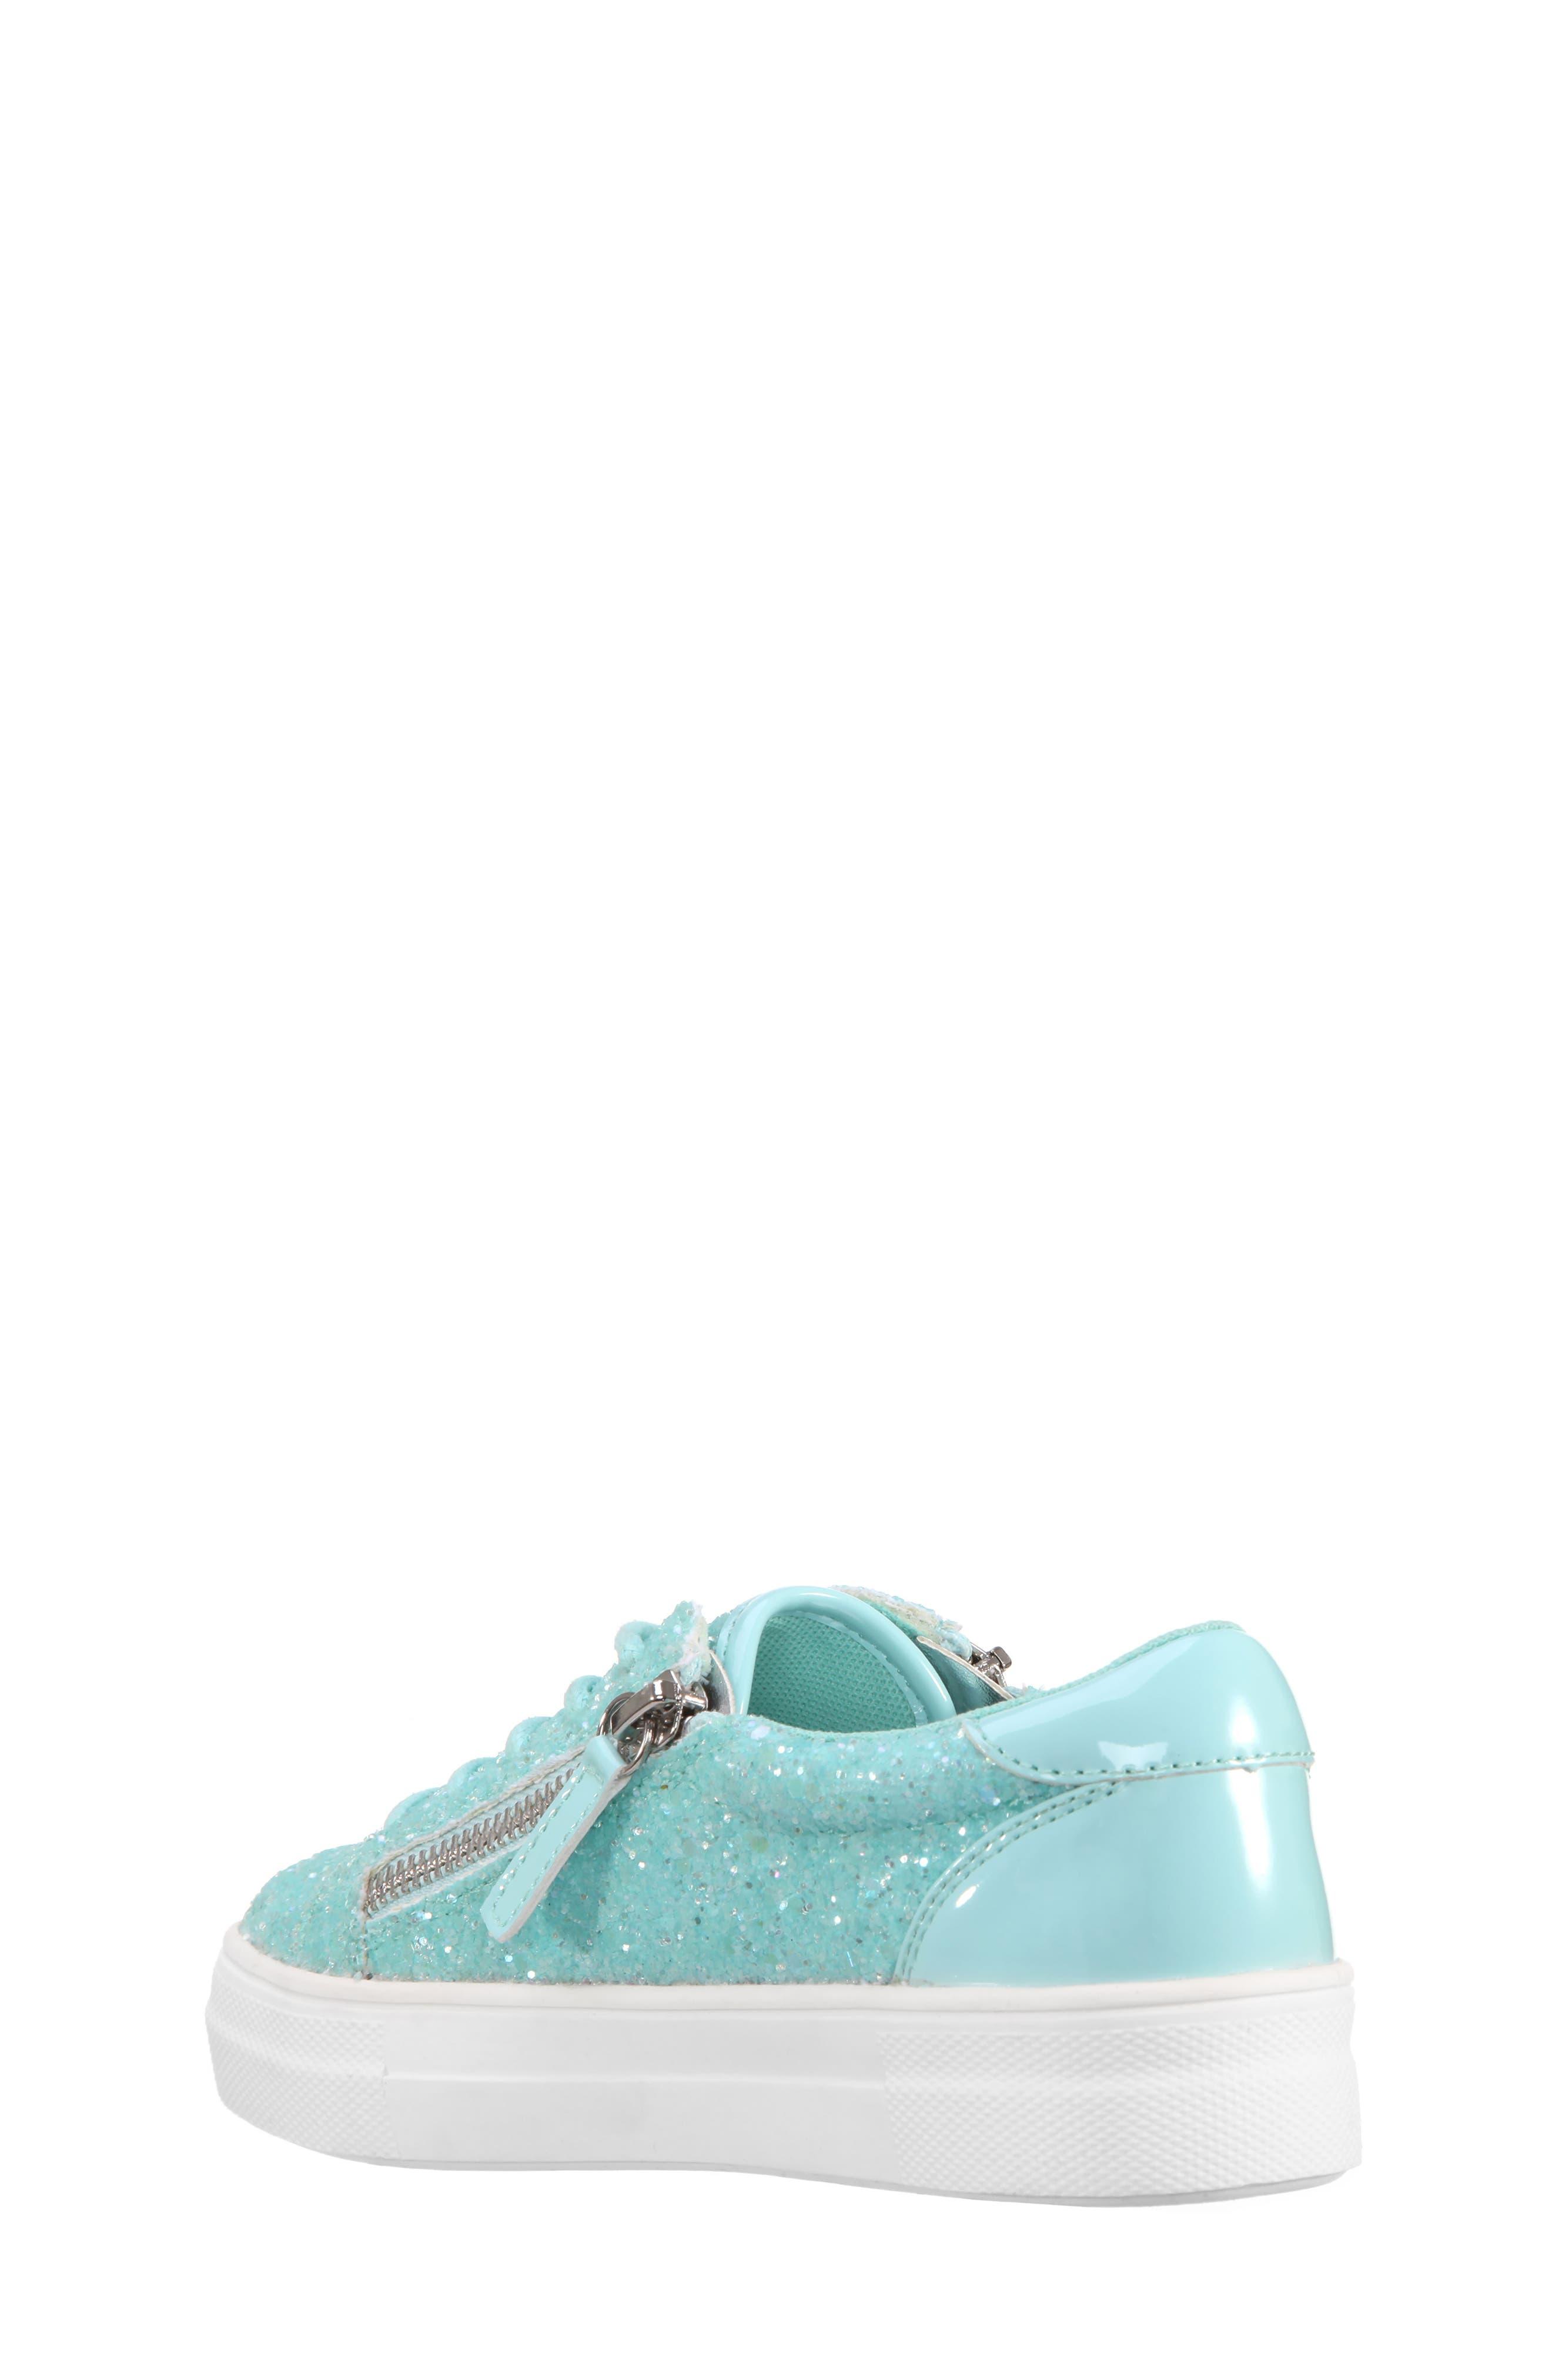 Jennalyn Glitter Sneaker,                             Alternate thumbnail 2, color,                             440